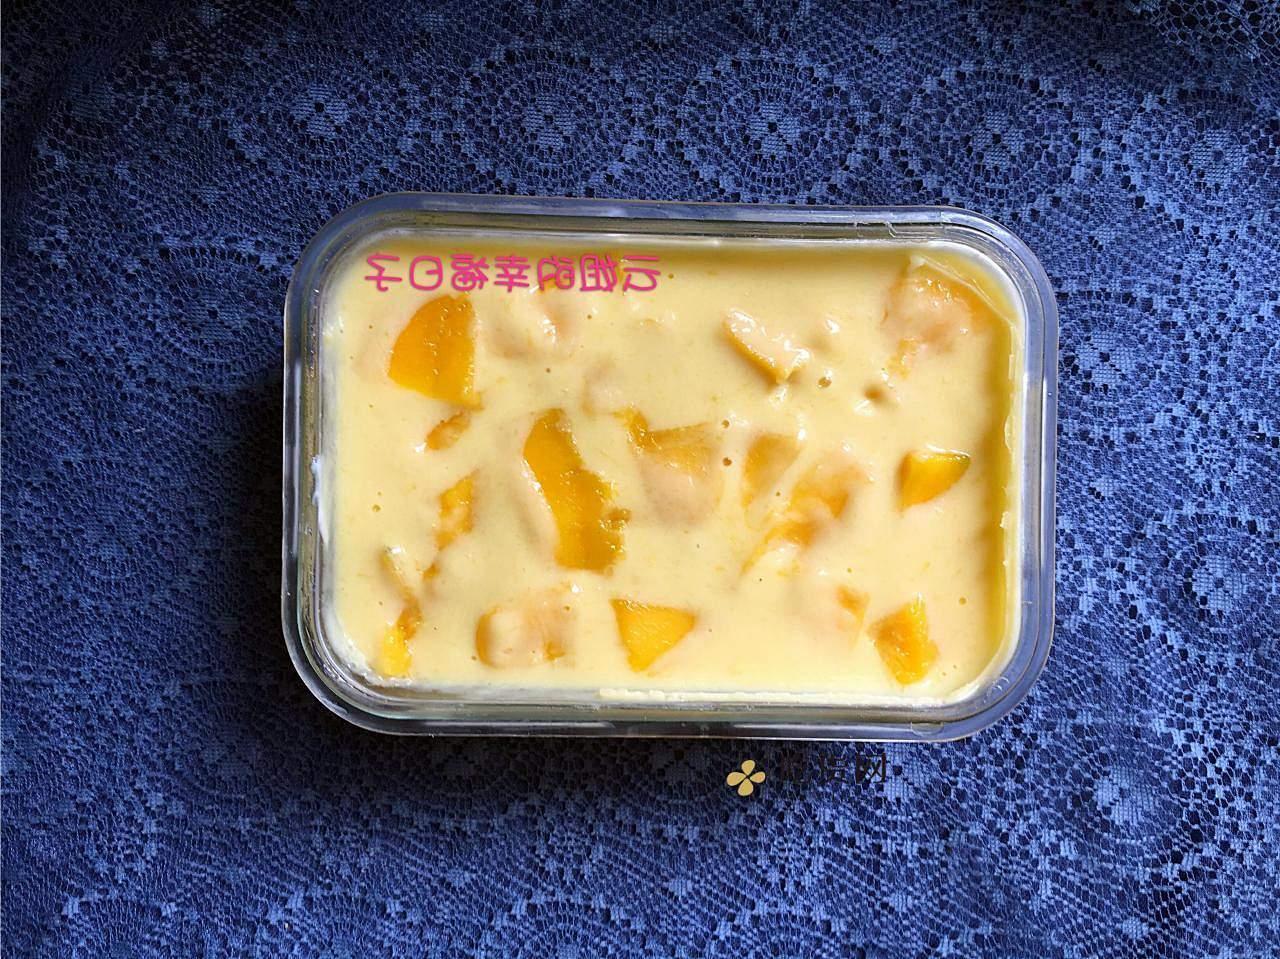 简易水果酸奶慕斯(零负担)的做法 步骤14